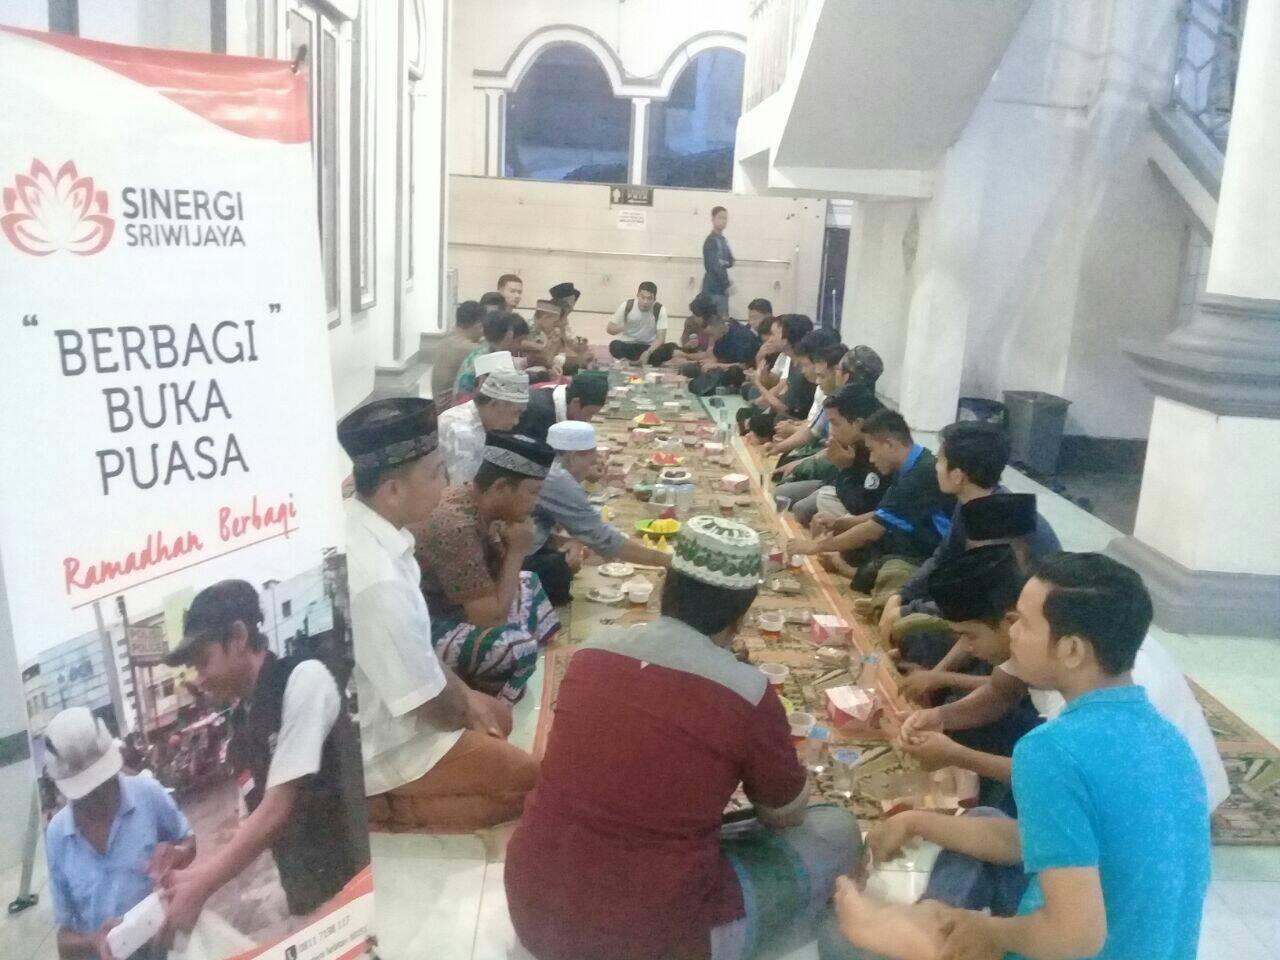 Masjid-masjid di Indralaya Banjir Takjil, Ternyata Sinergi Sriwijaya Dalangnya